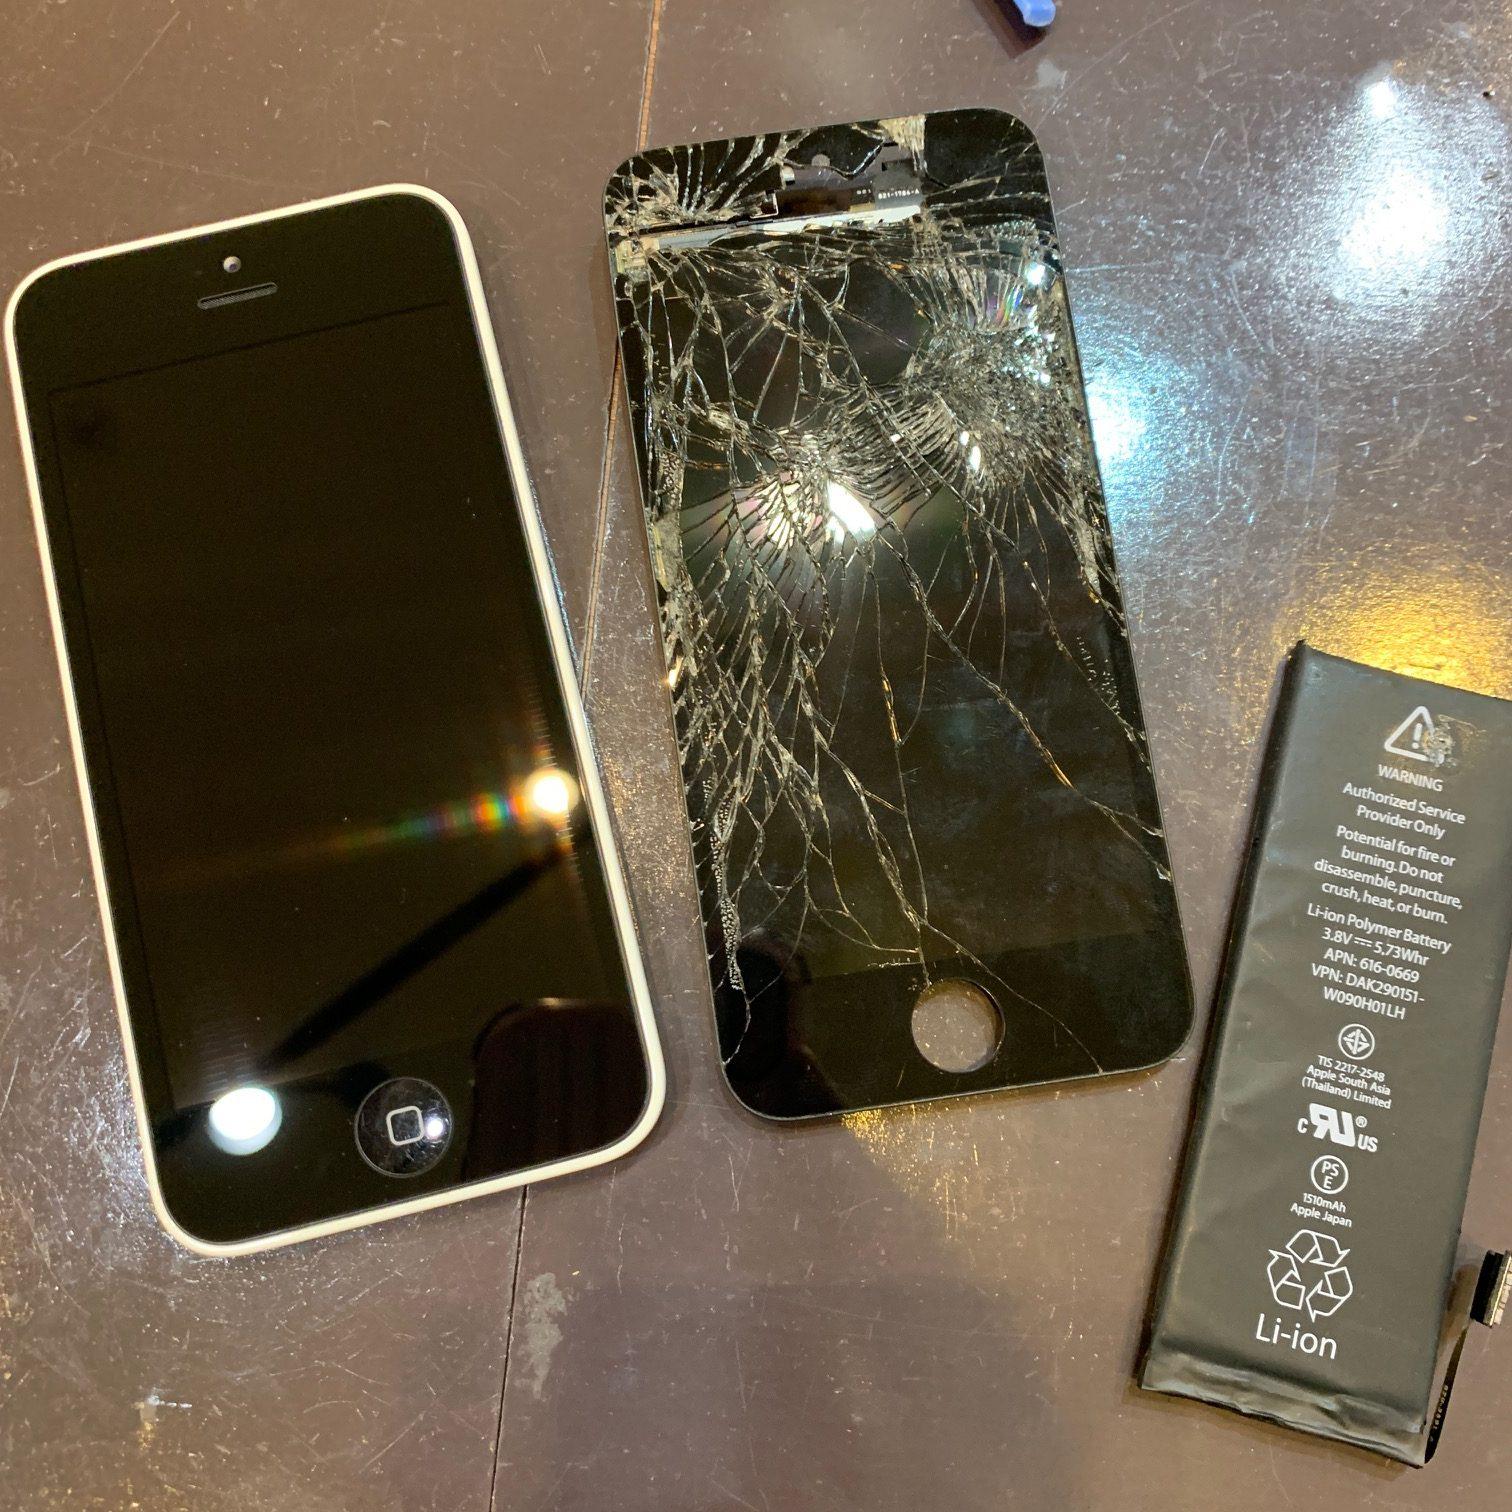 フロントガラス割れ・バッテリー交換同時修理も最短1時間以内|佐賀県アイフォン修理11/12Open